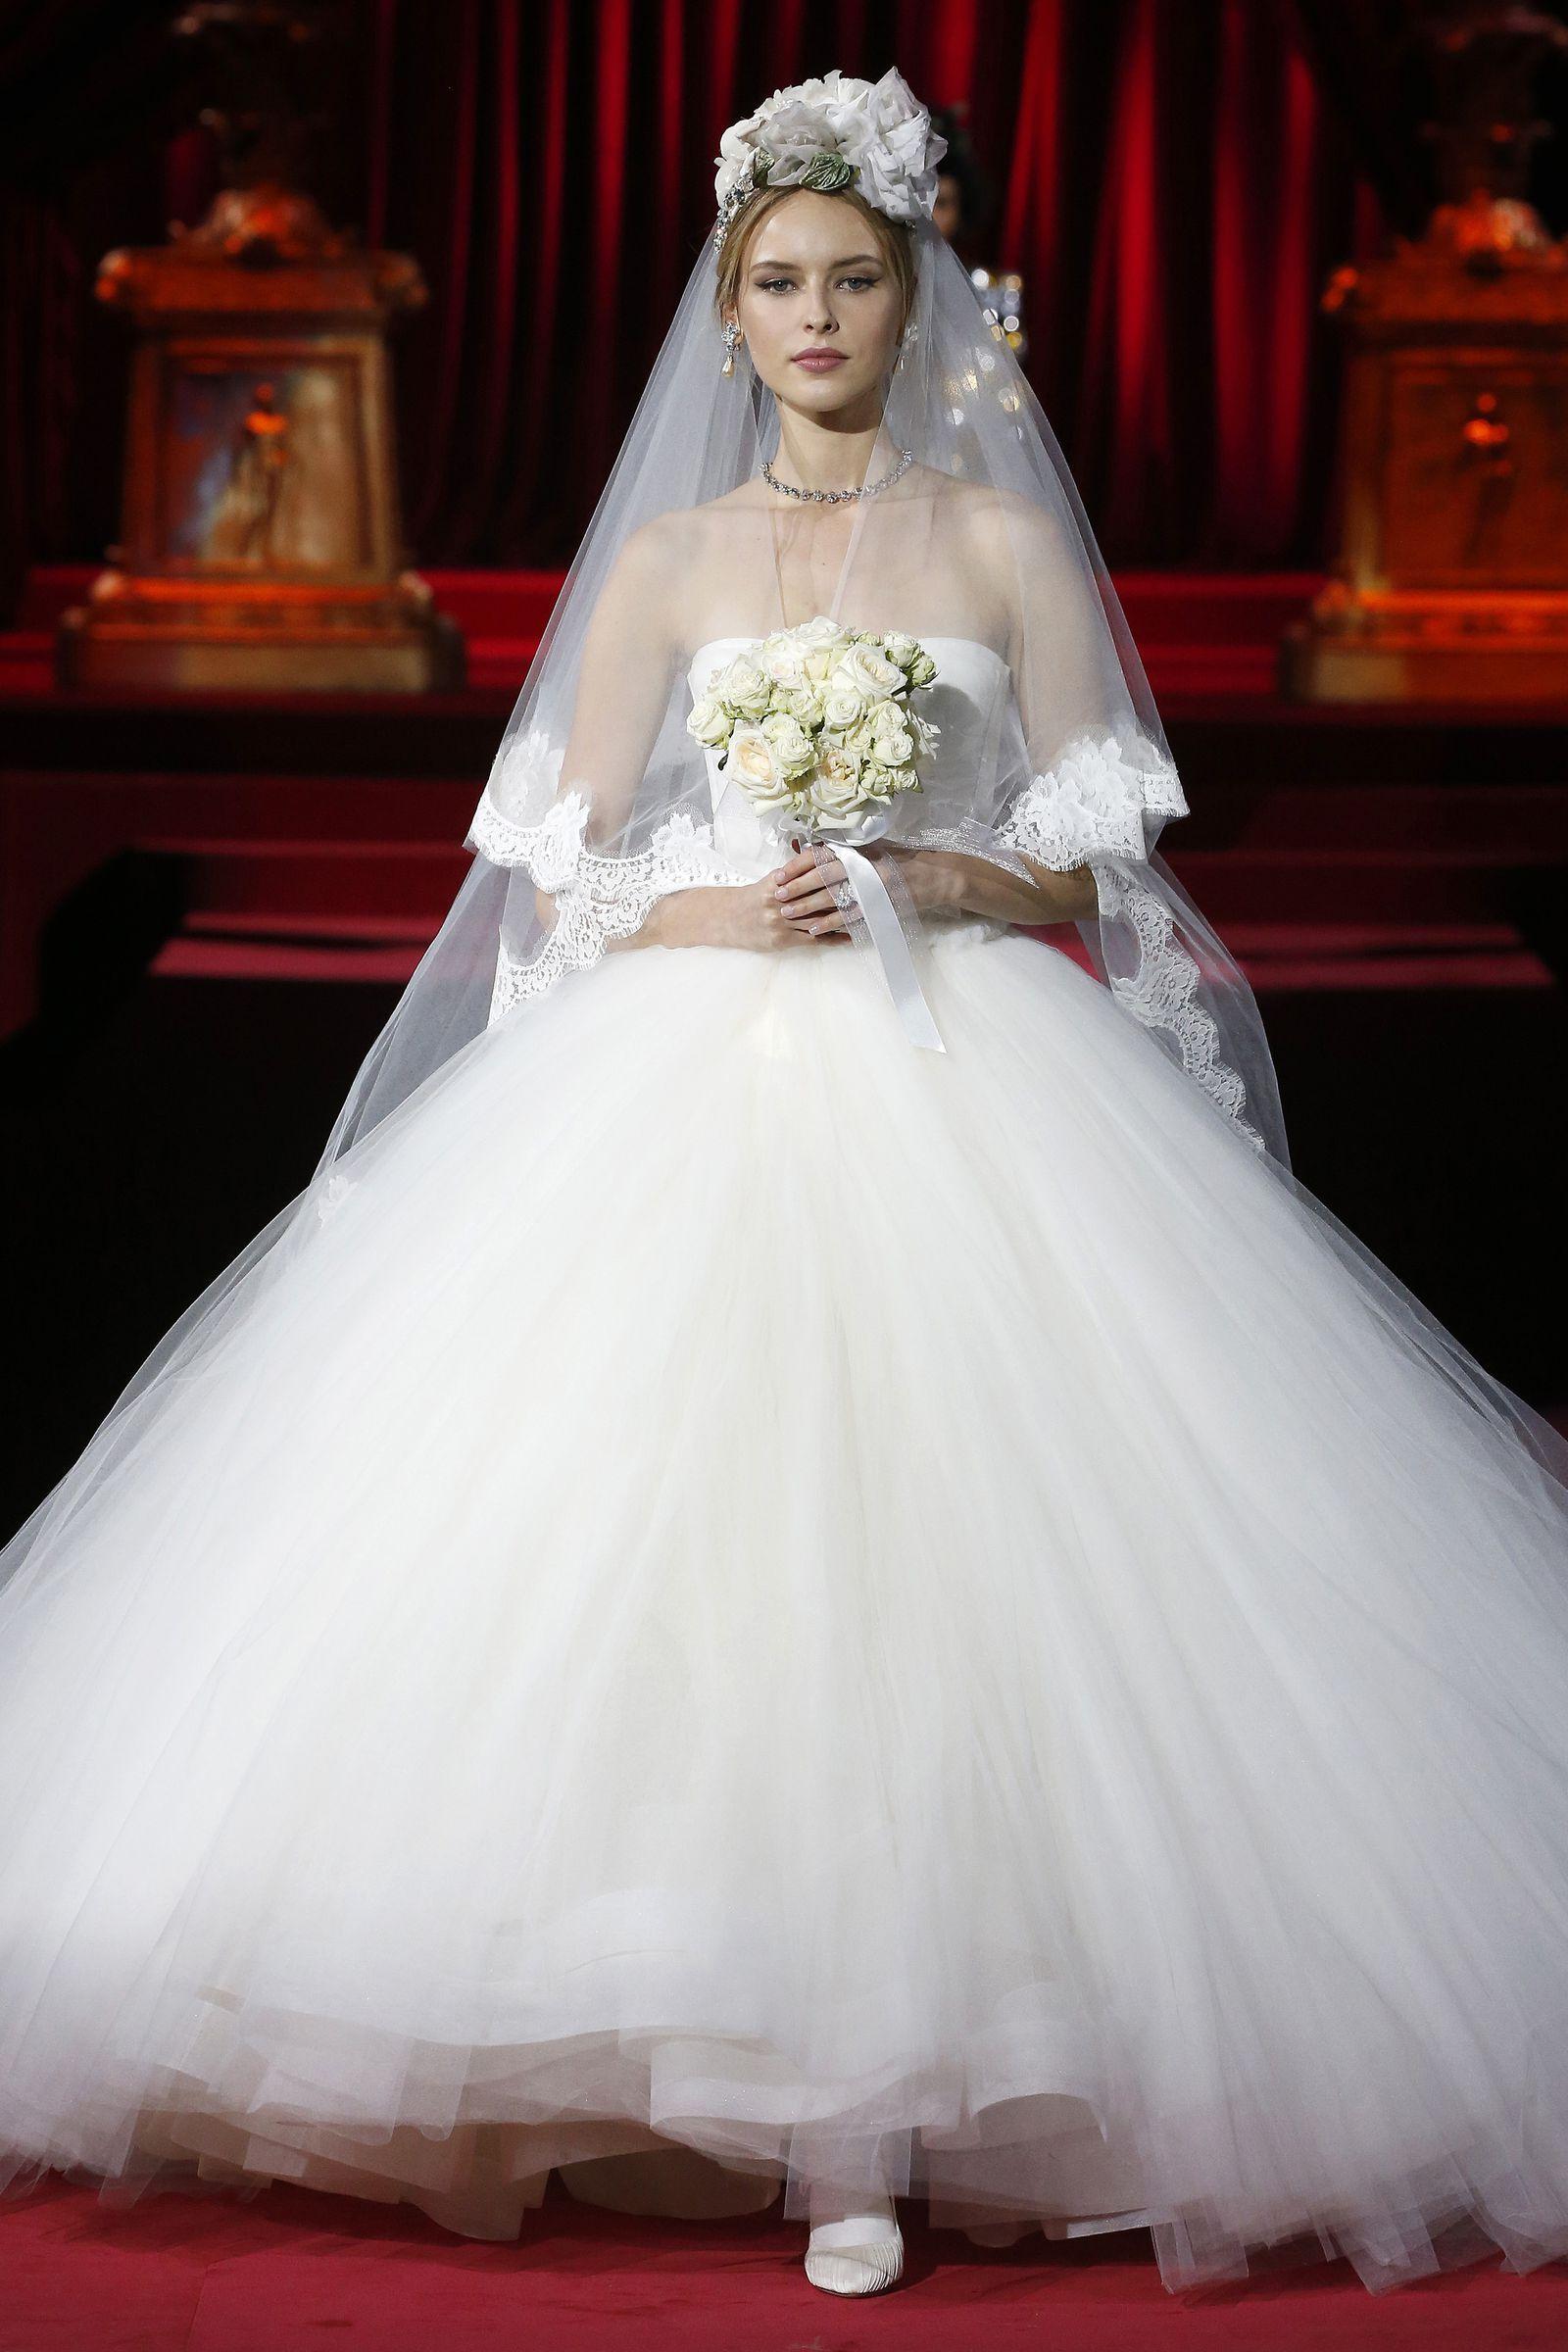 Gli Abiti Da Sposa Di Dolce Gabbana Alle Sfilate Di Milano Sono L Omaggio Ad Audrey Hepburn Abiti Da Sposa Abiti Da Sposa Eleganti Abiti Di Matrimonio Vintage